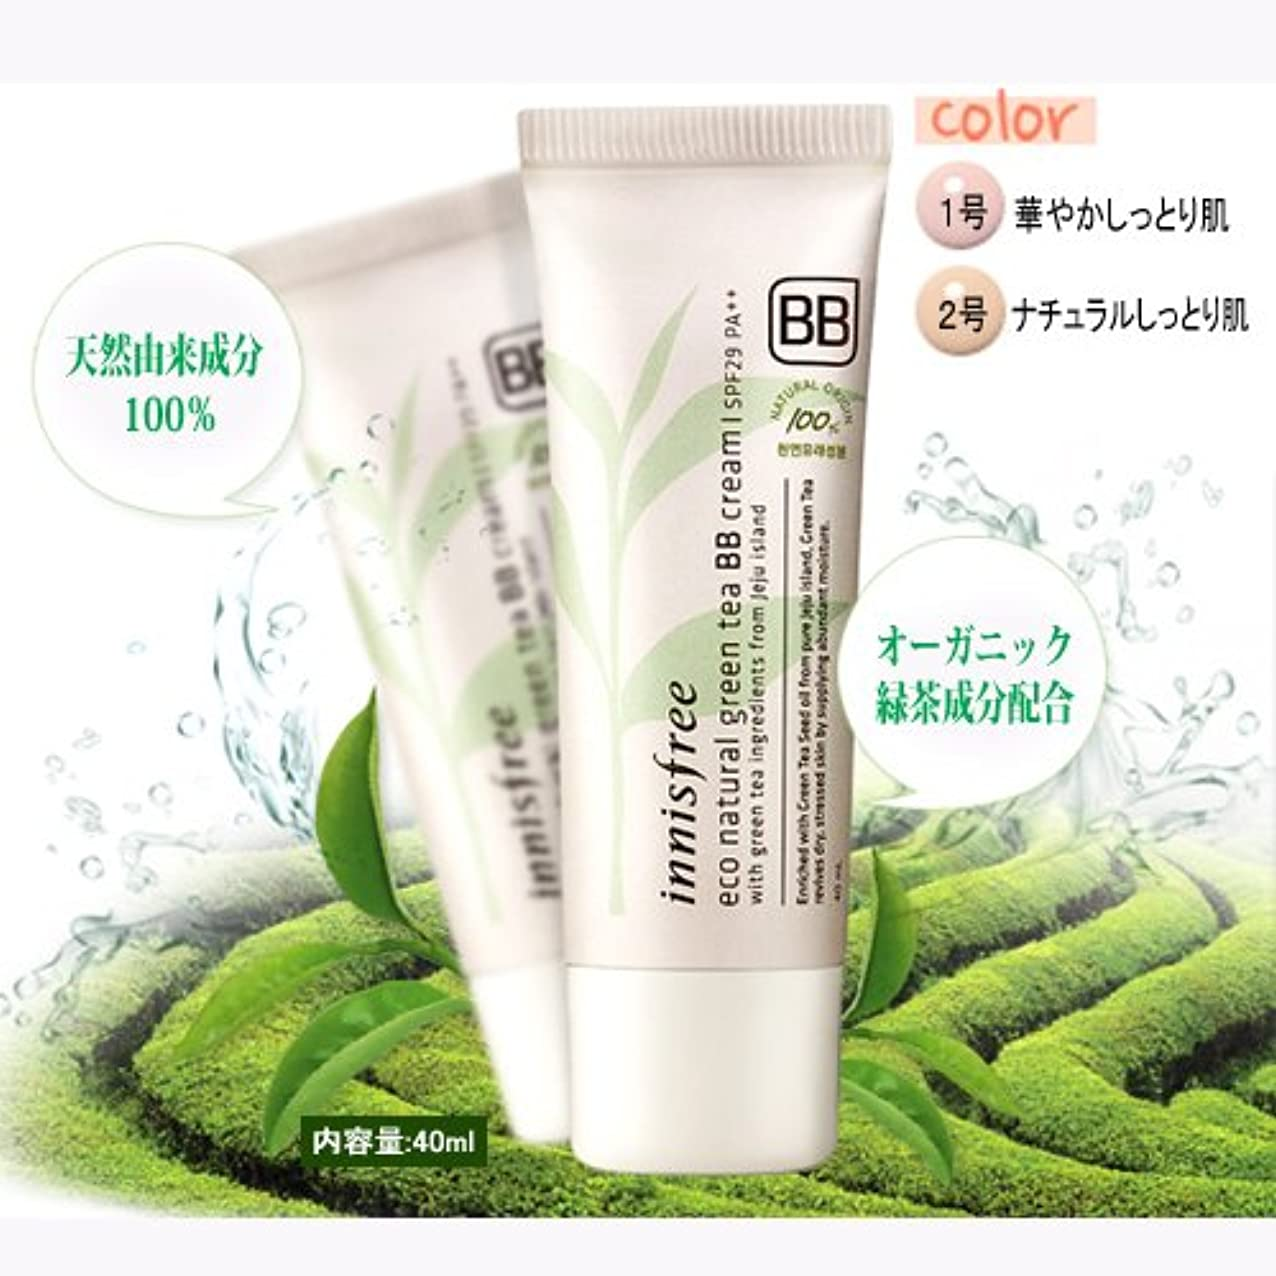 モニター設計図棚innisfree/イニスフリー Eco Natural Green Tea BB Cream #02/エコナチュラルグリーンティーBBクリームナチュラルなしっとりお肌 SPF29PA++40ml